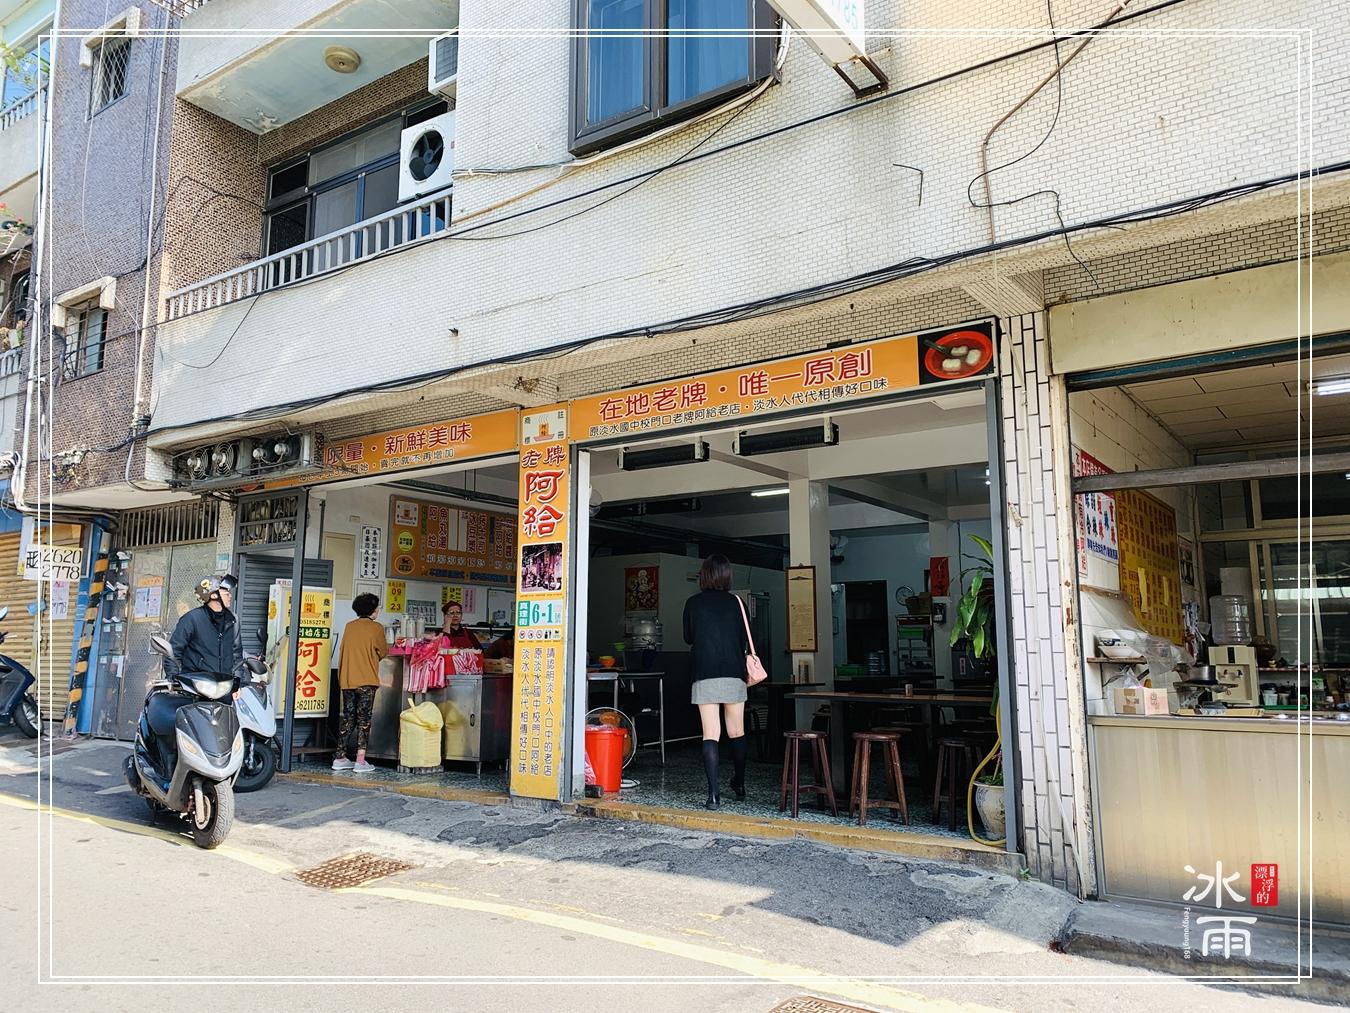 位在真理街上的阿給店,是有傳統味道的老店